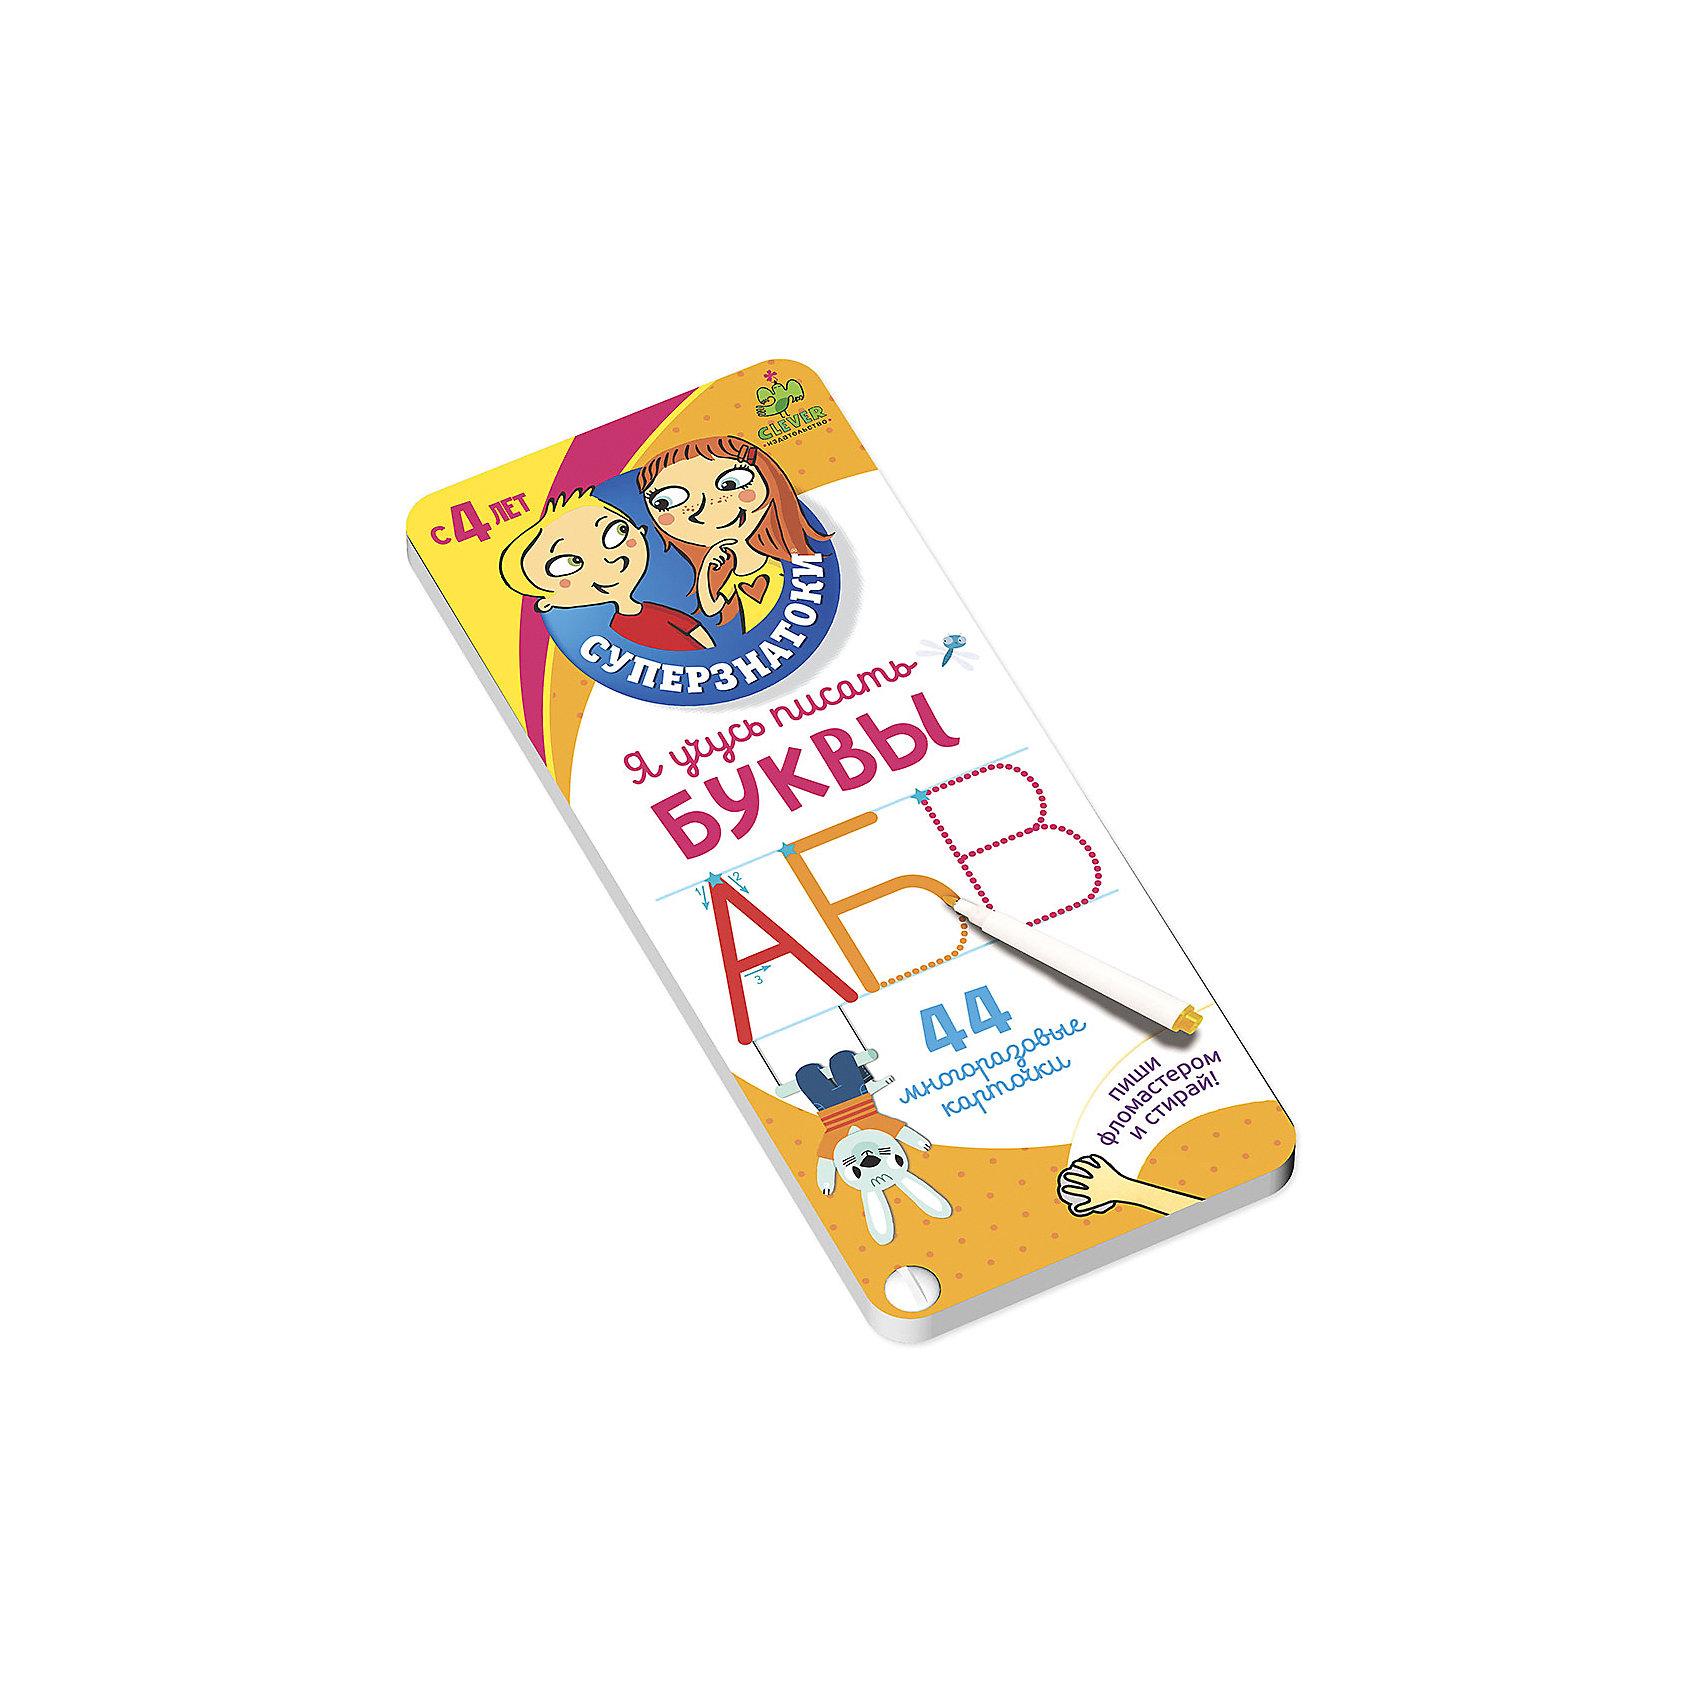 Я учусь писать буквы, Суперзнатоки для дошкольниковПрописи<br>Я учусь писать Элементы букв и цифр, Суперзнатоки для дошкольников<br><br>Характеристики:<br><br>• научит ребенка писать буквы в игровой форме<br>• написанное можно стереть<br>• объемные буквы из фетра<br>• издательство: Клевер-Медиа-Групп<br>• ISBN: 978-5-91982-450-3<br>• количество страниц: 44<br>• размер упаковки: 0,4х10х24,1 см<br>• вес: 190 грамм<br><br>Книга-блокнот Я учусь писать буквы создана специально для подготовки у школе. Ребёнок в игровой форме научится писать буквы по звездочкам и стрелкам. Интересные задания вызовут интерес у ребёнка и он с радостью будет заниматься. Если допущена ошибка - можно стереть написанное и попробовать выполнить задание правильно.<br><br>Я учусь писать Элементы букв и цифр, Суперзнатоки для дошкольников вы можете купить в нашем интернет-магазине.<br><br>Ширина мм: 241<br>Глубина мм: 100<br>Высота мм: 4<br>Вес г: 190<br>Возраст от месяцев: 48<br>Возраст до месяцев: 72<br>Пол: Унисекс<br>Возраст: Детский<br>SKU: 5377860